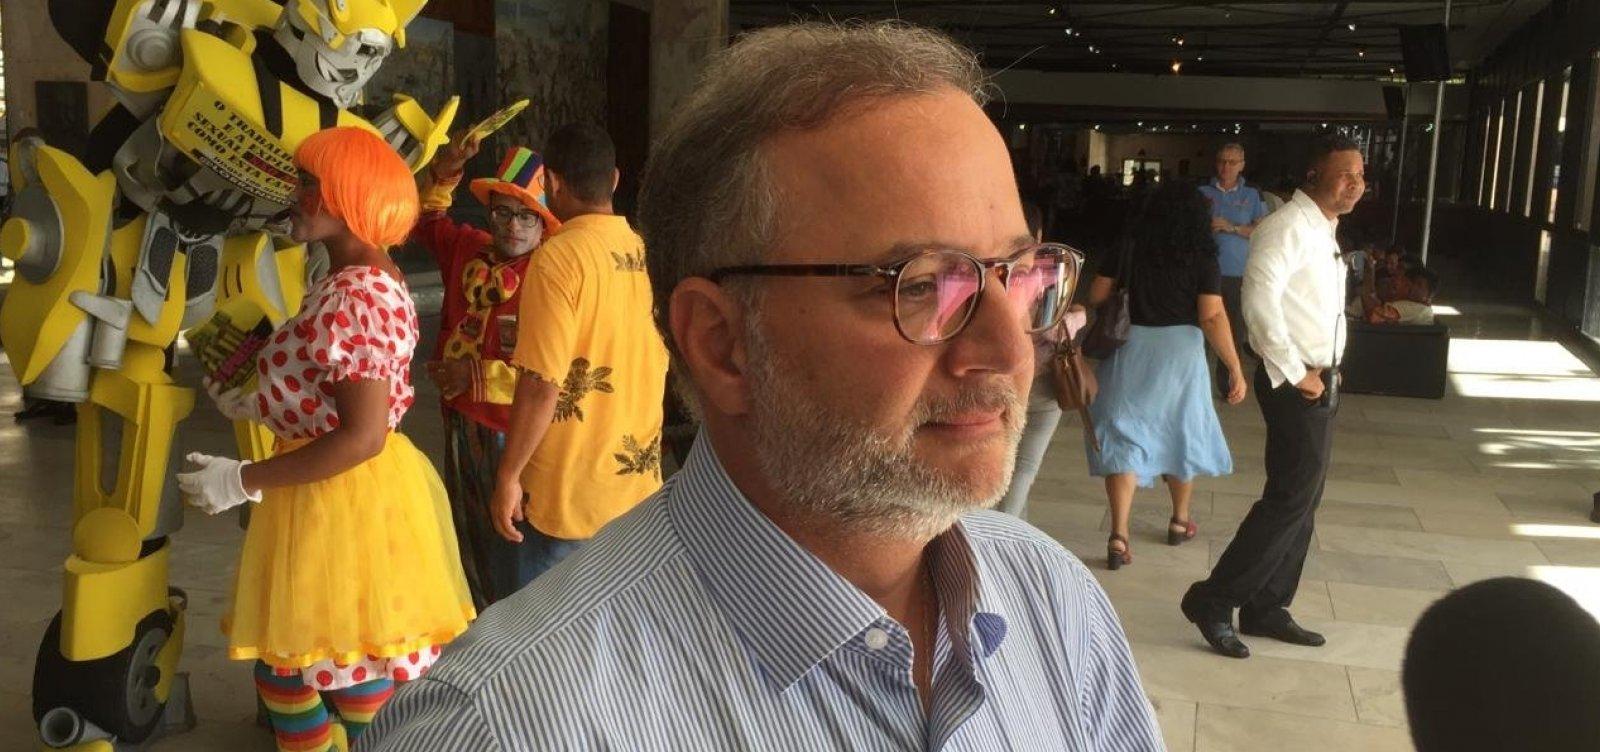 Novo coronavírus 'não mete medo', diz Secretário da Saúde da Bahia sobre o Carnaval